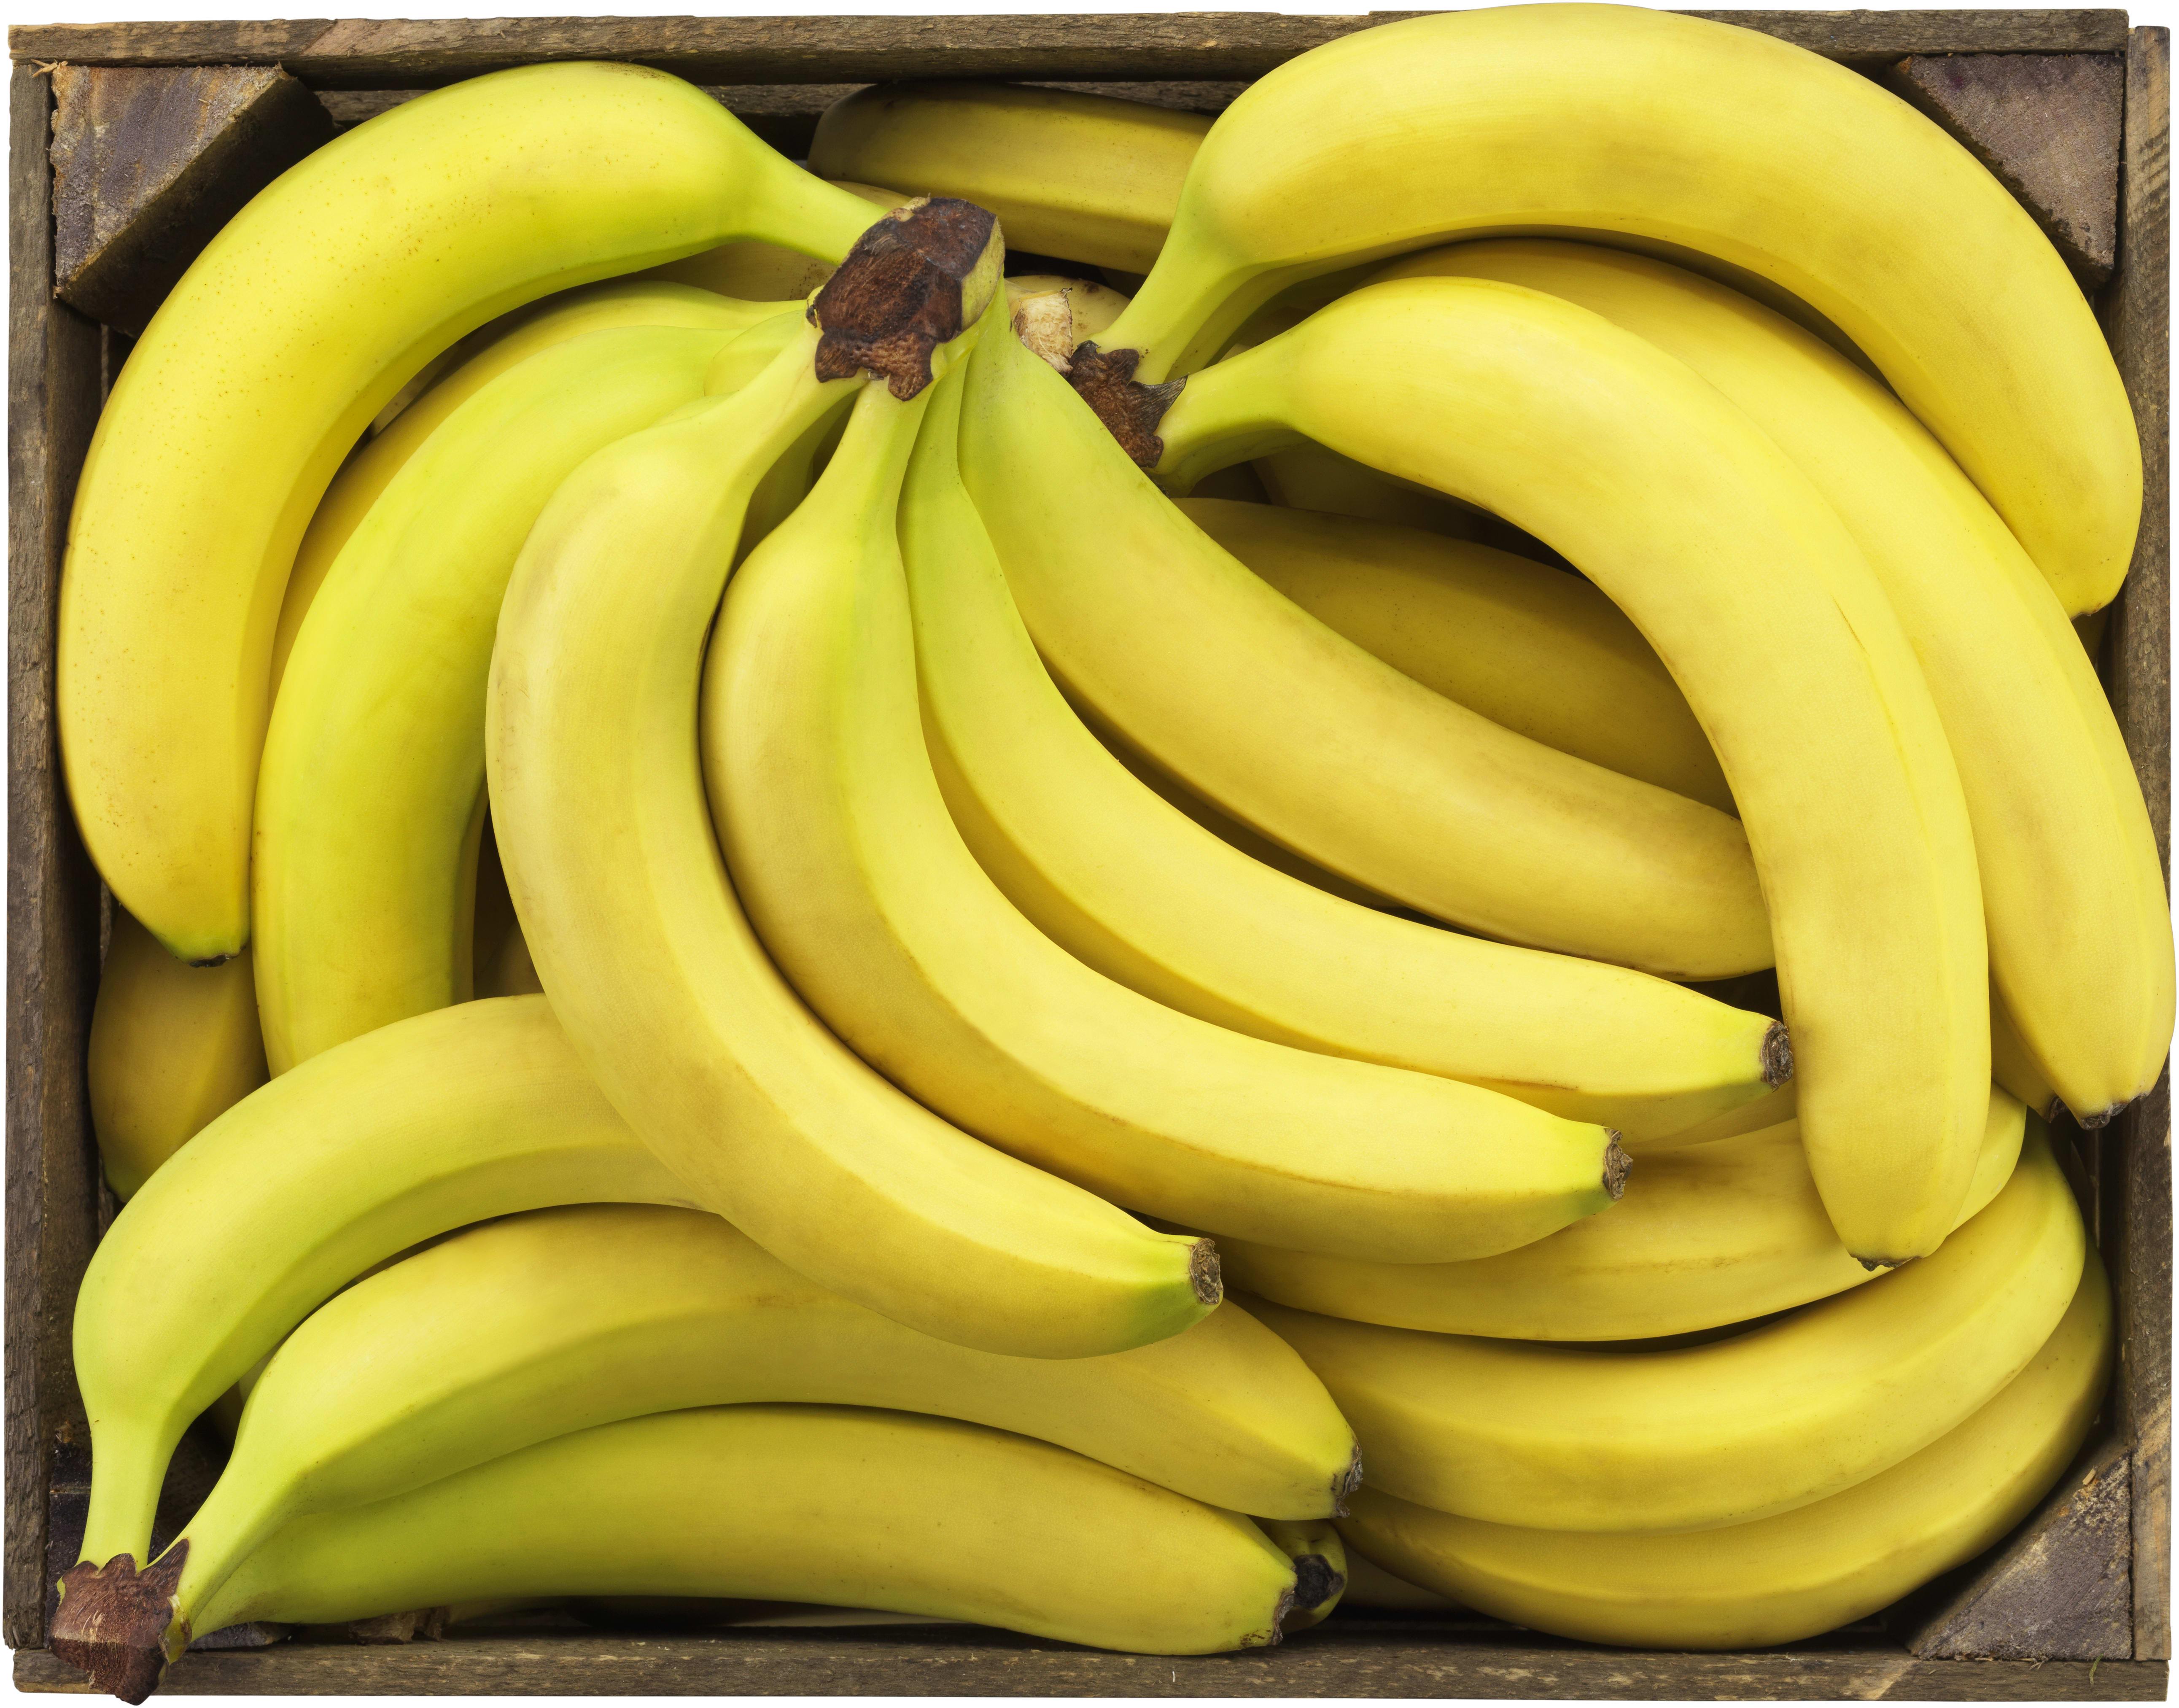 hur mycket protein innehåller en banan